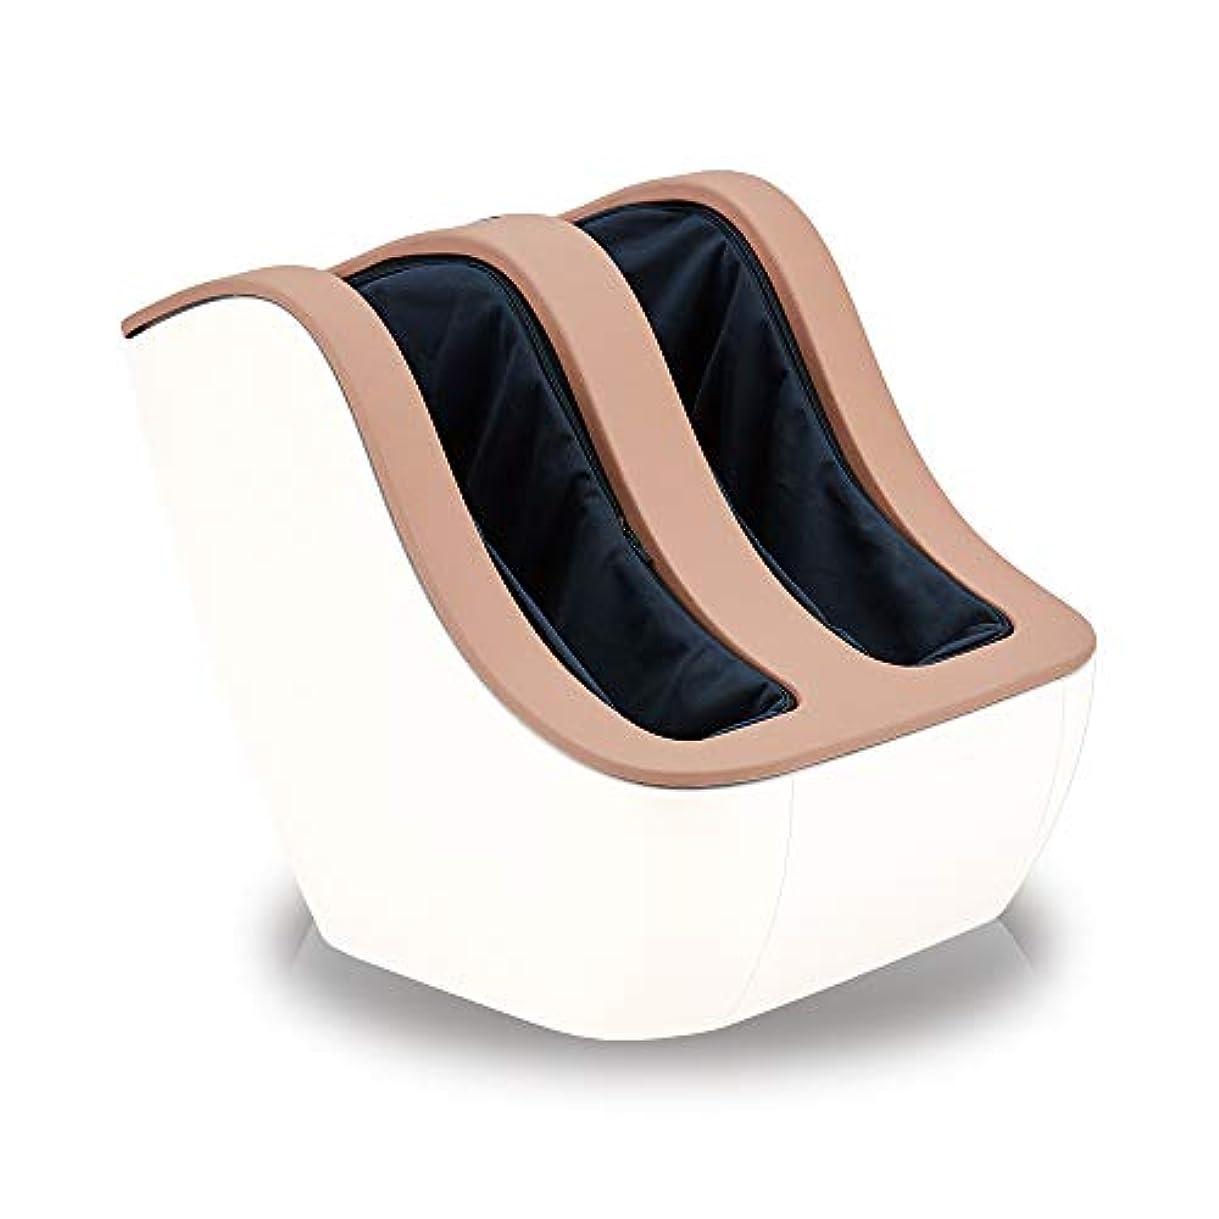 にはまってスケートカーテンシンカ フットマッサージャー [ ベージュ / FM212 ] 美脚 医療機器 (3Dもみ玉ローラー) ふくらはぎ 足の裏 おしゃれ マッサージ ヒーター機能付き